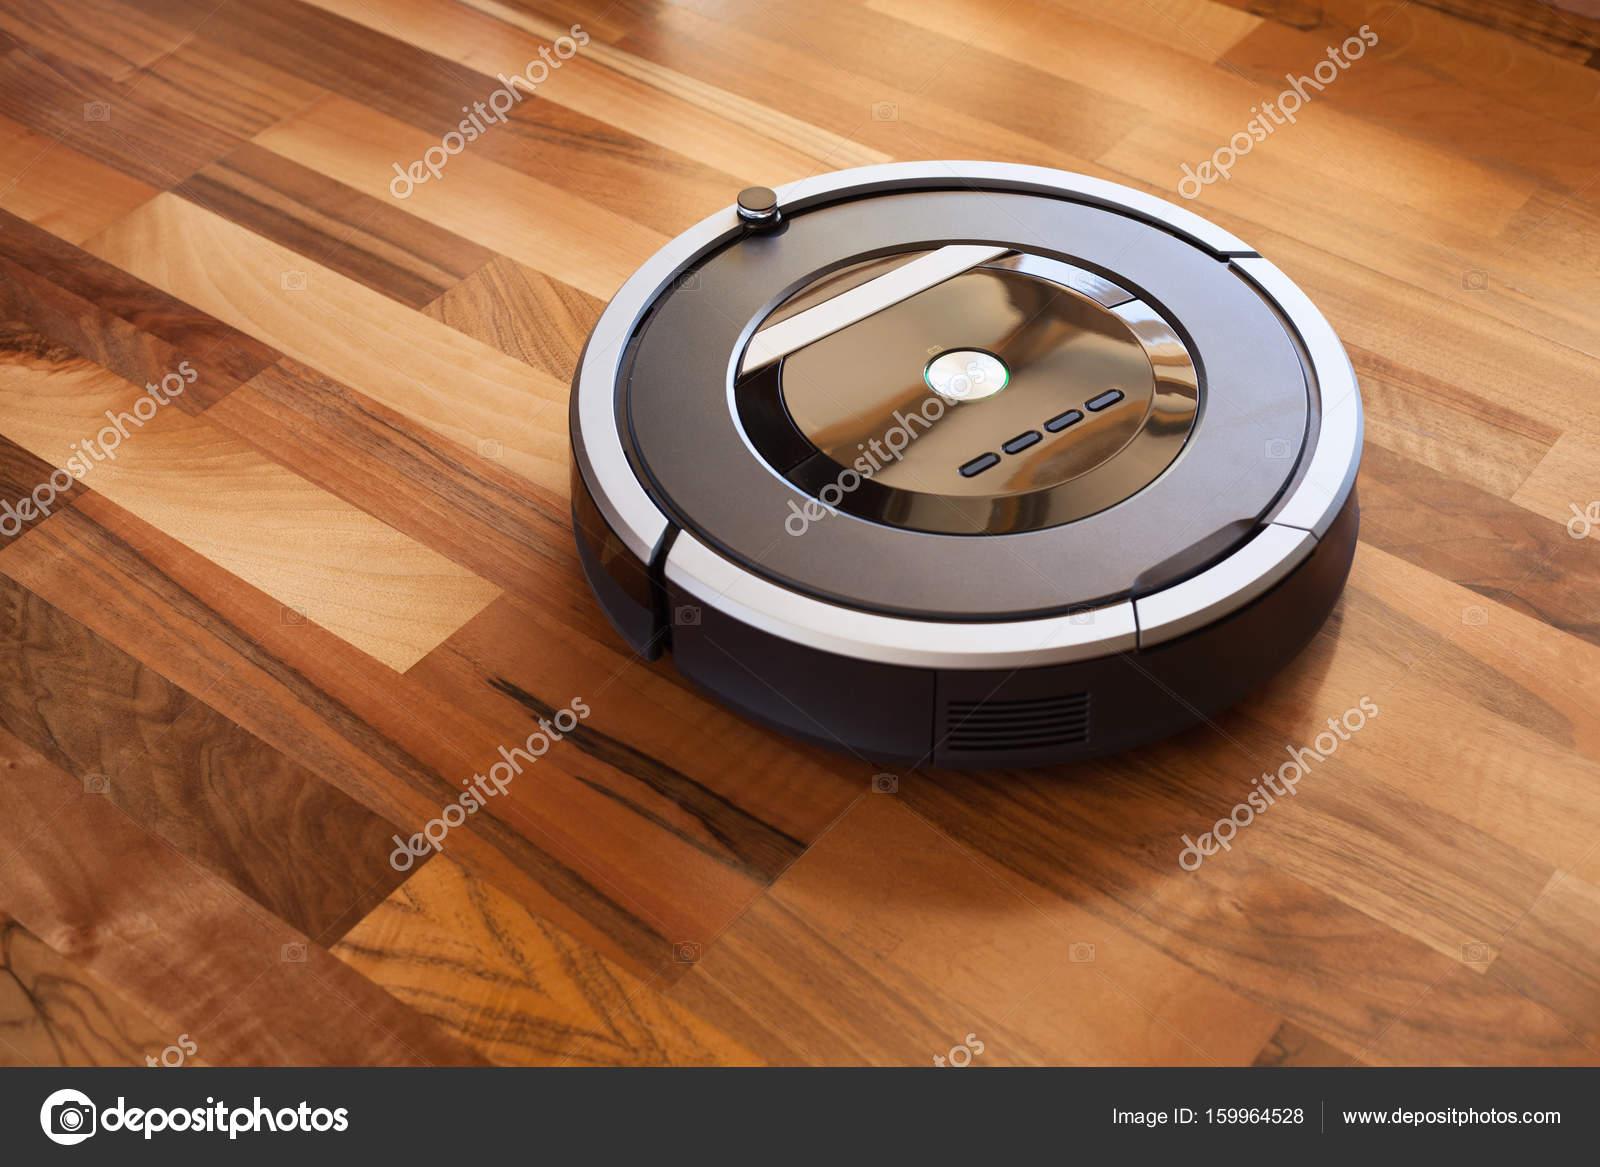 nettoyer un parquet en bois affordable comment nettoyer un parquet en bois free comment parquet. Black Bedroom Furniture Sets. Home Design Ideas